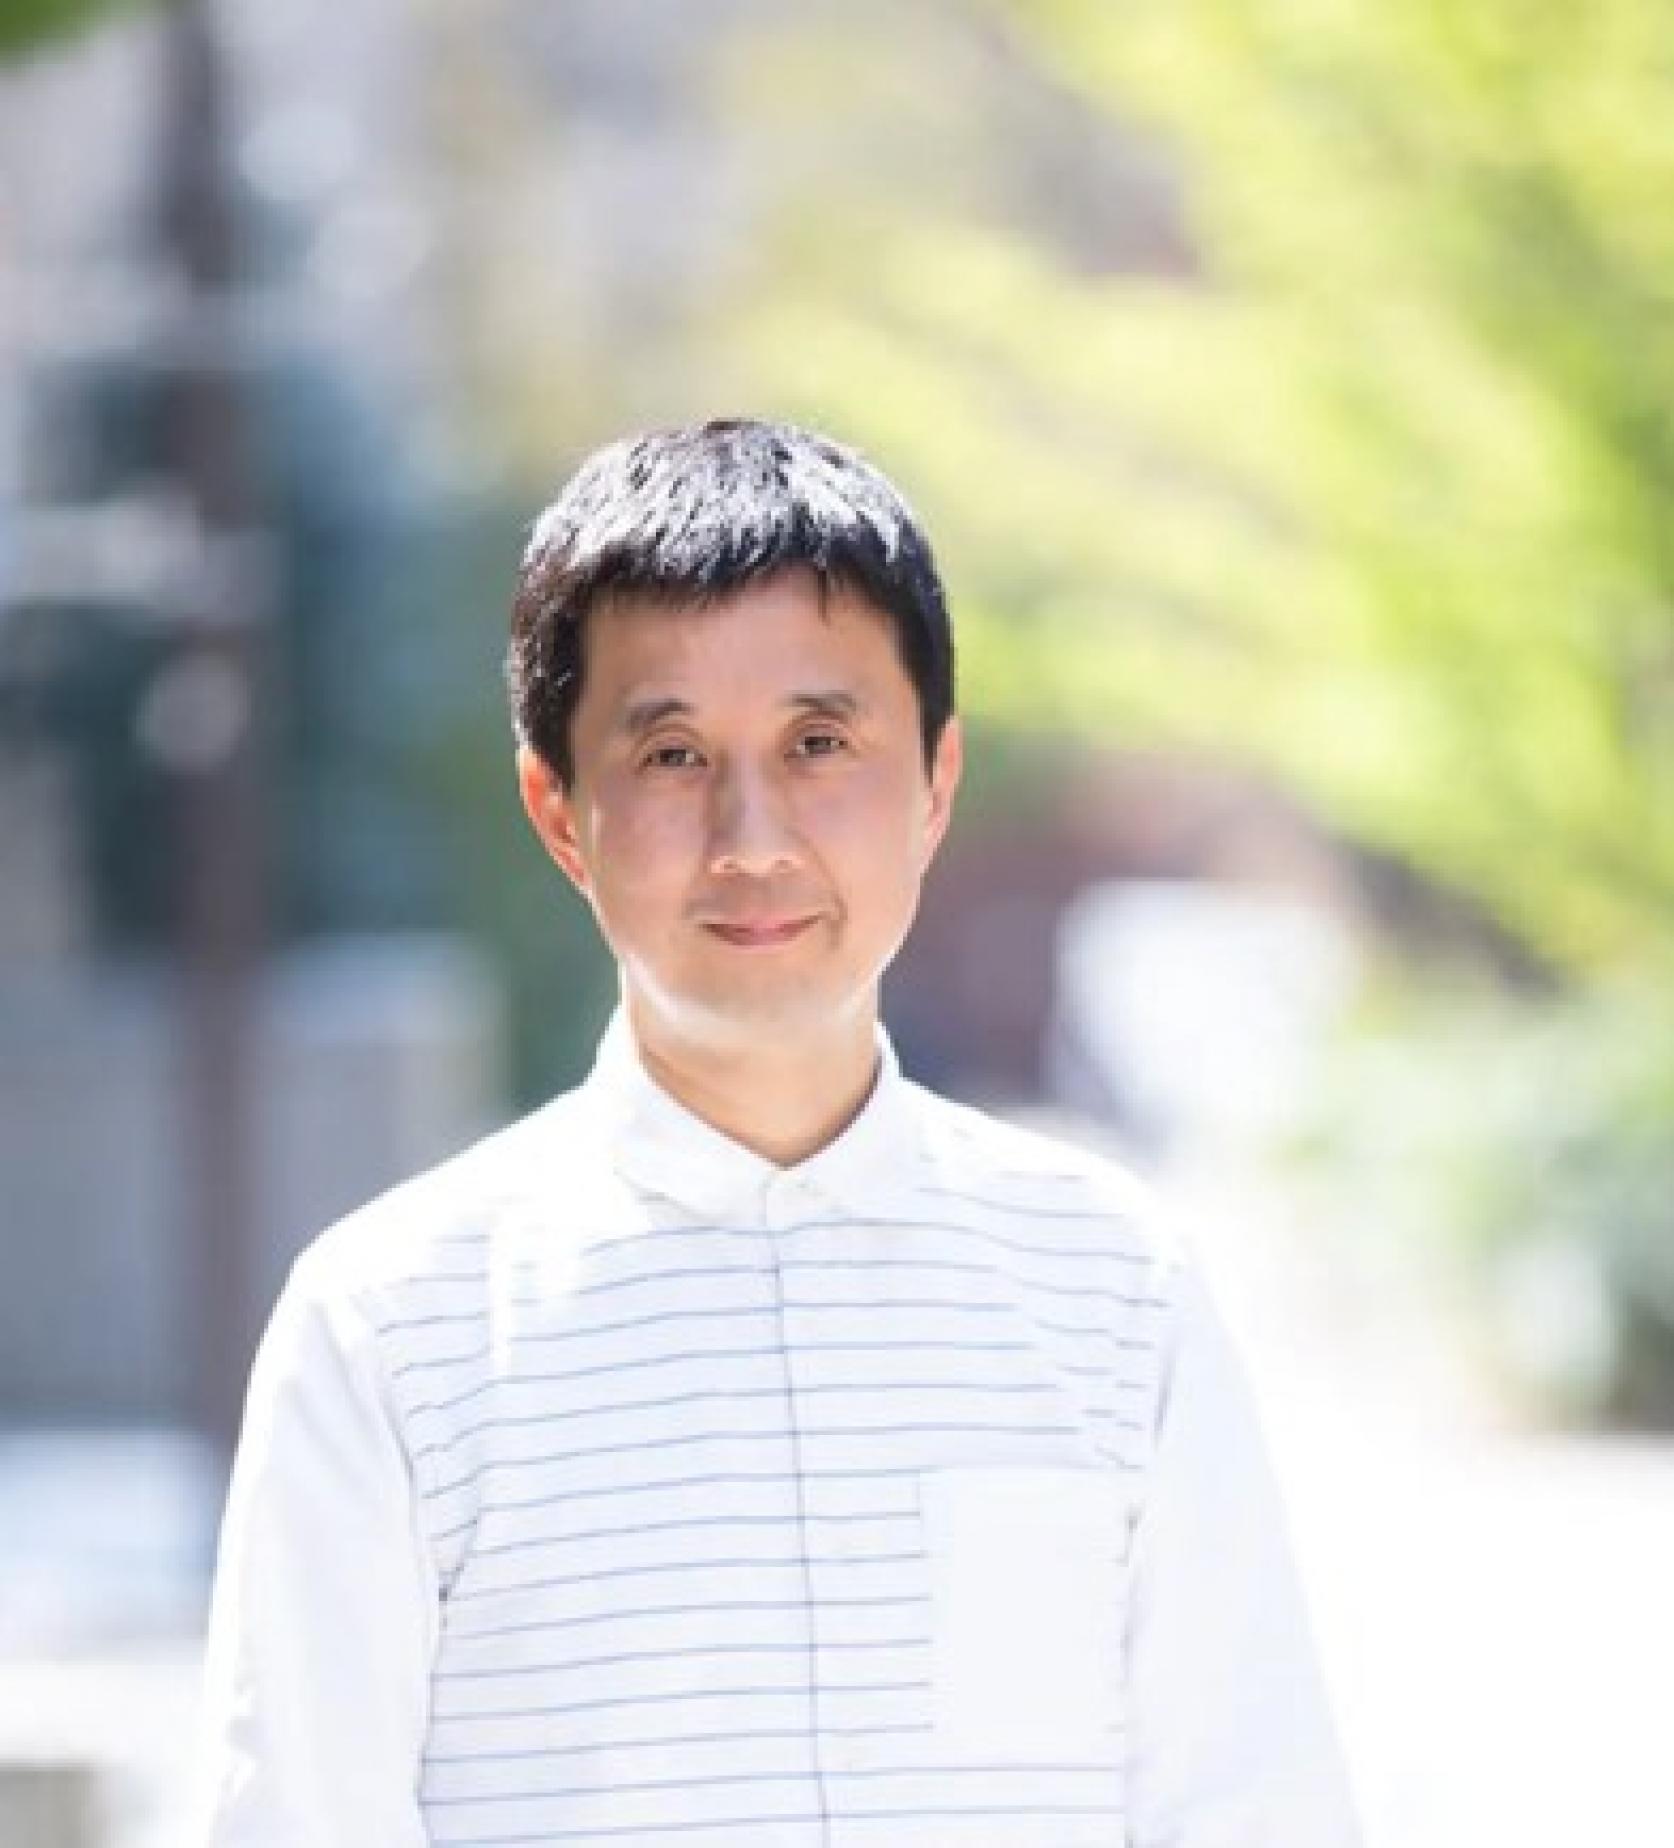 八戸市美術館の館長に建築学科 佐藤慎也教授が就任